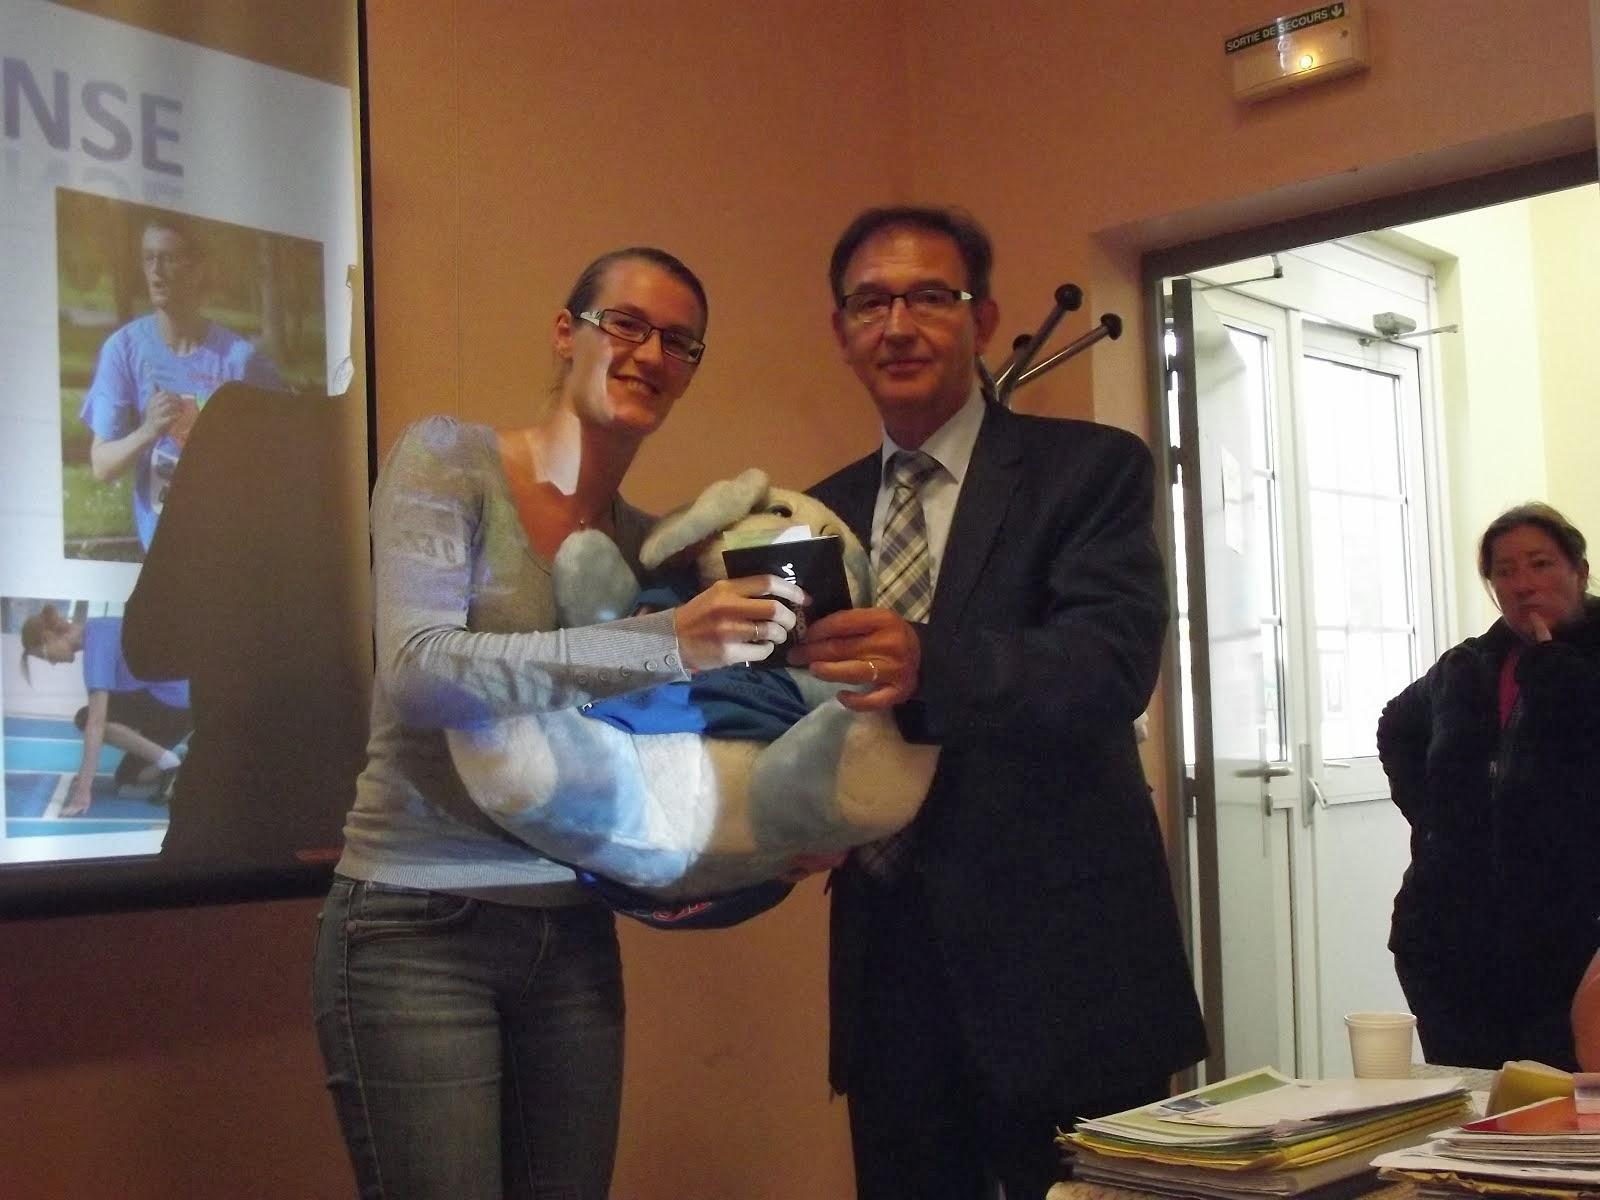 myriam récompensée  par monsieur canu